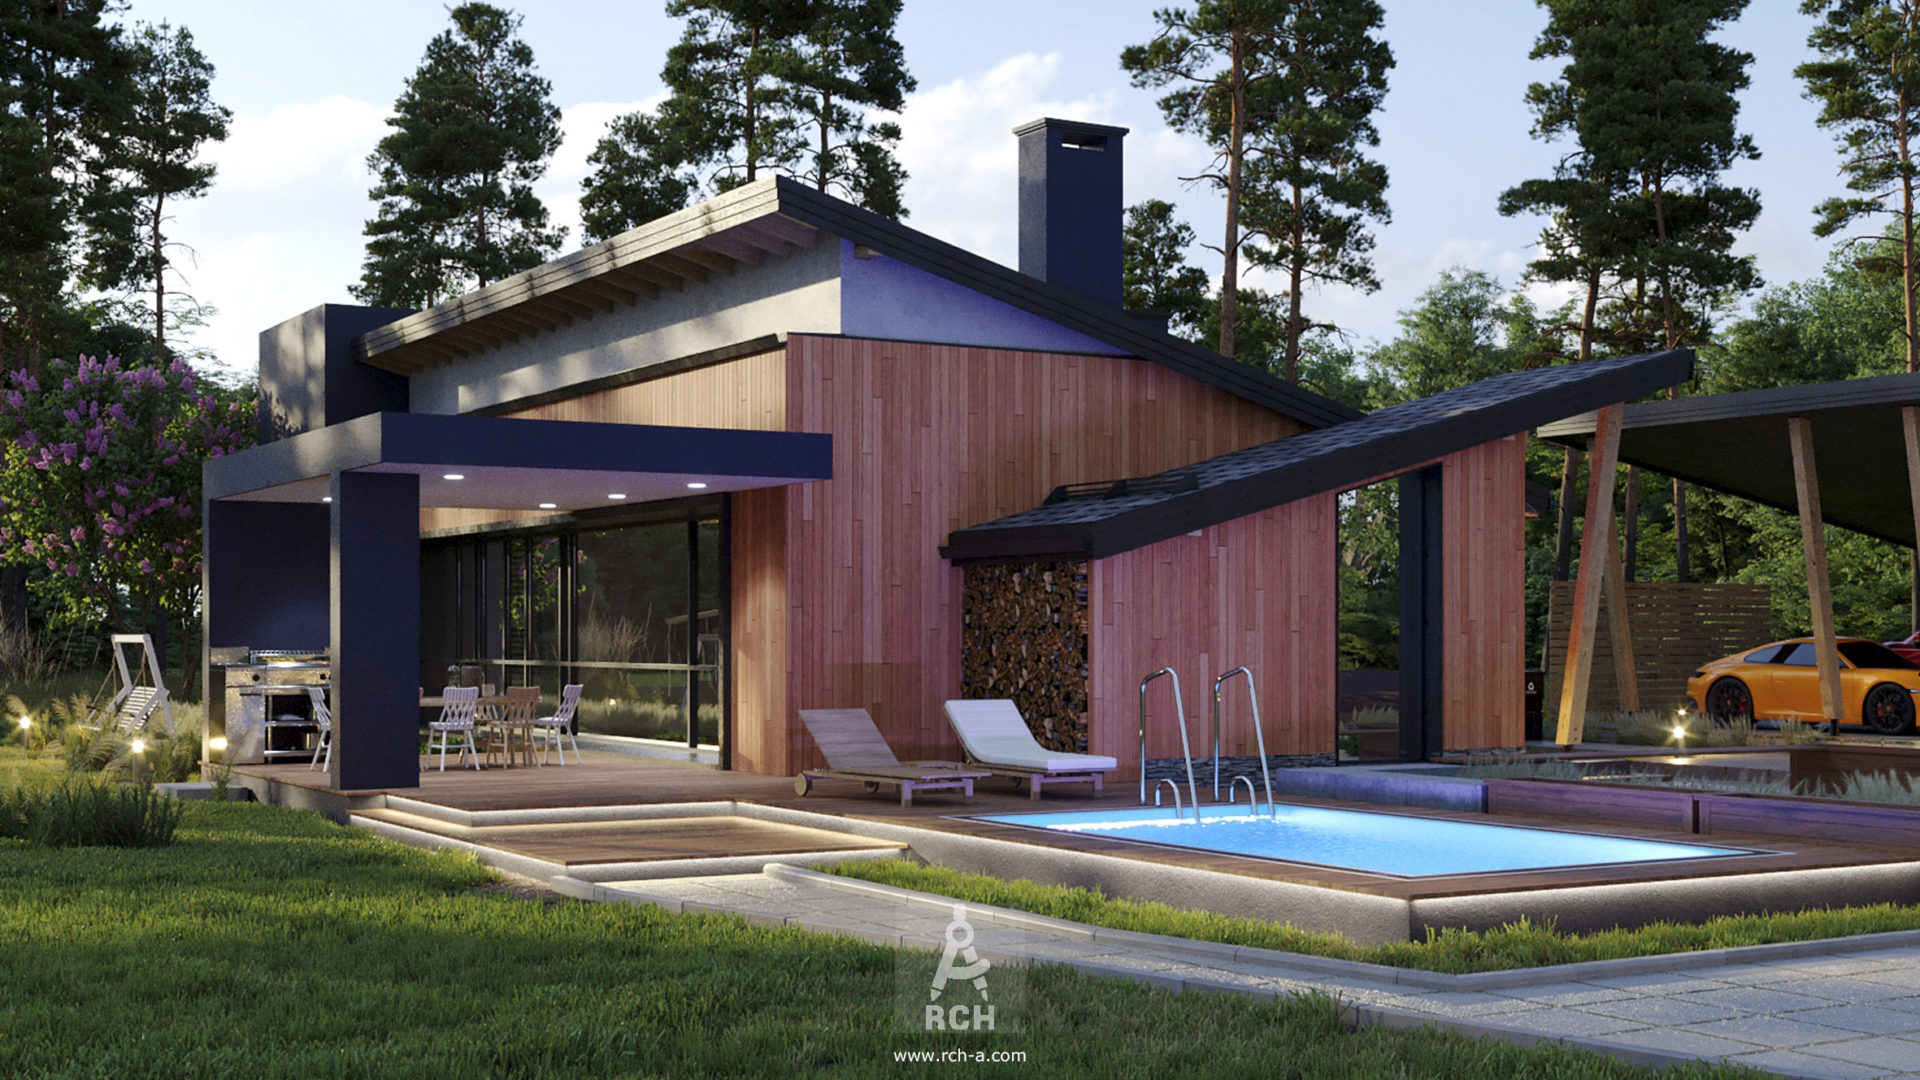 заказать проект современного дома с бассейном и панорамным остеклением